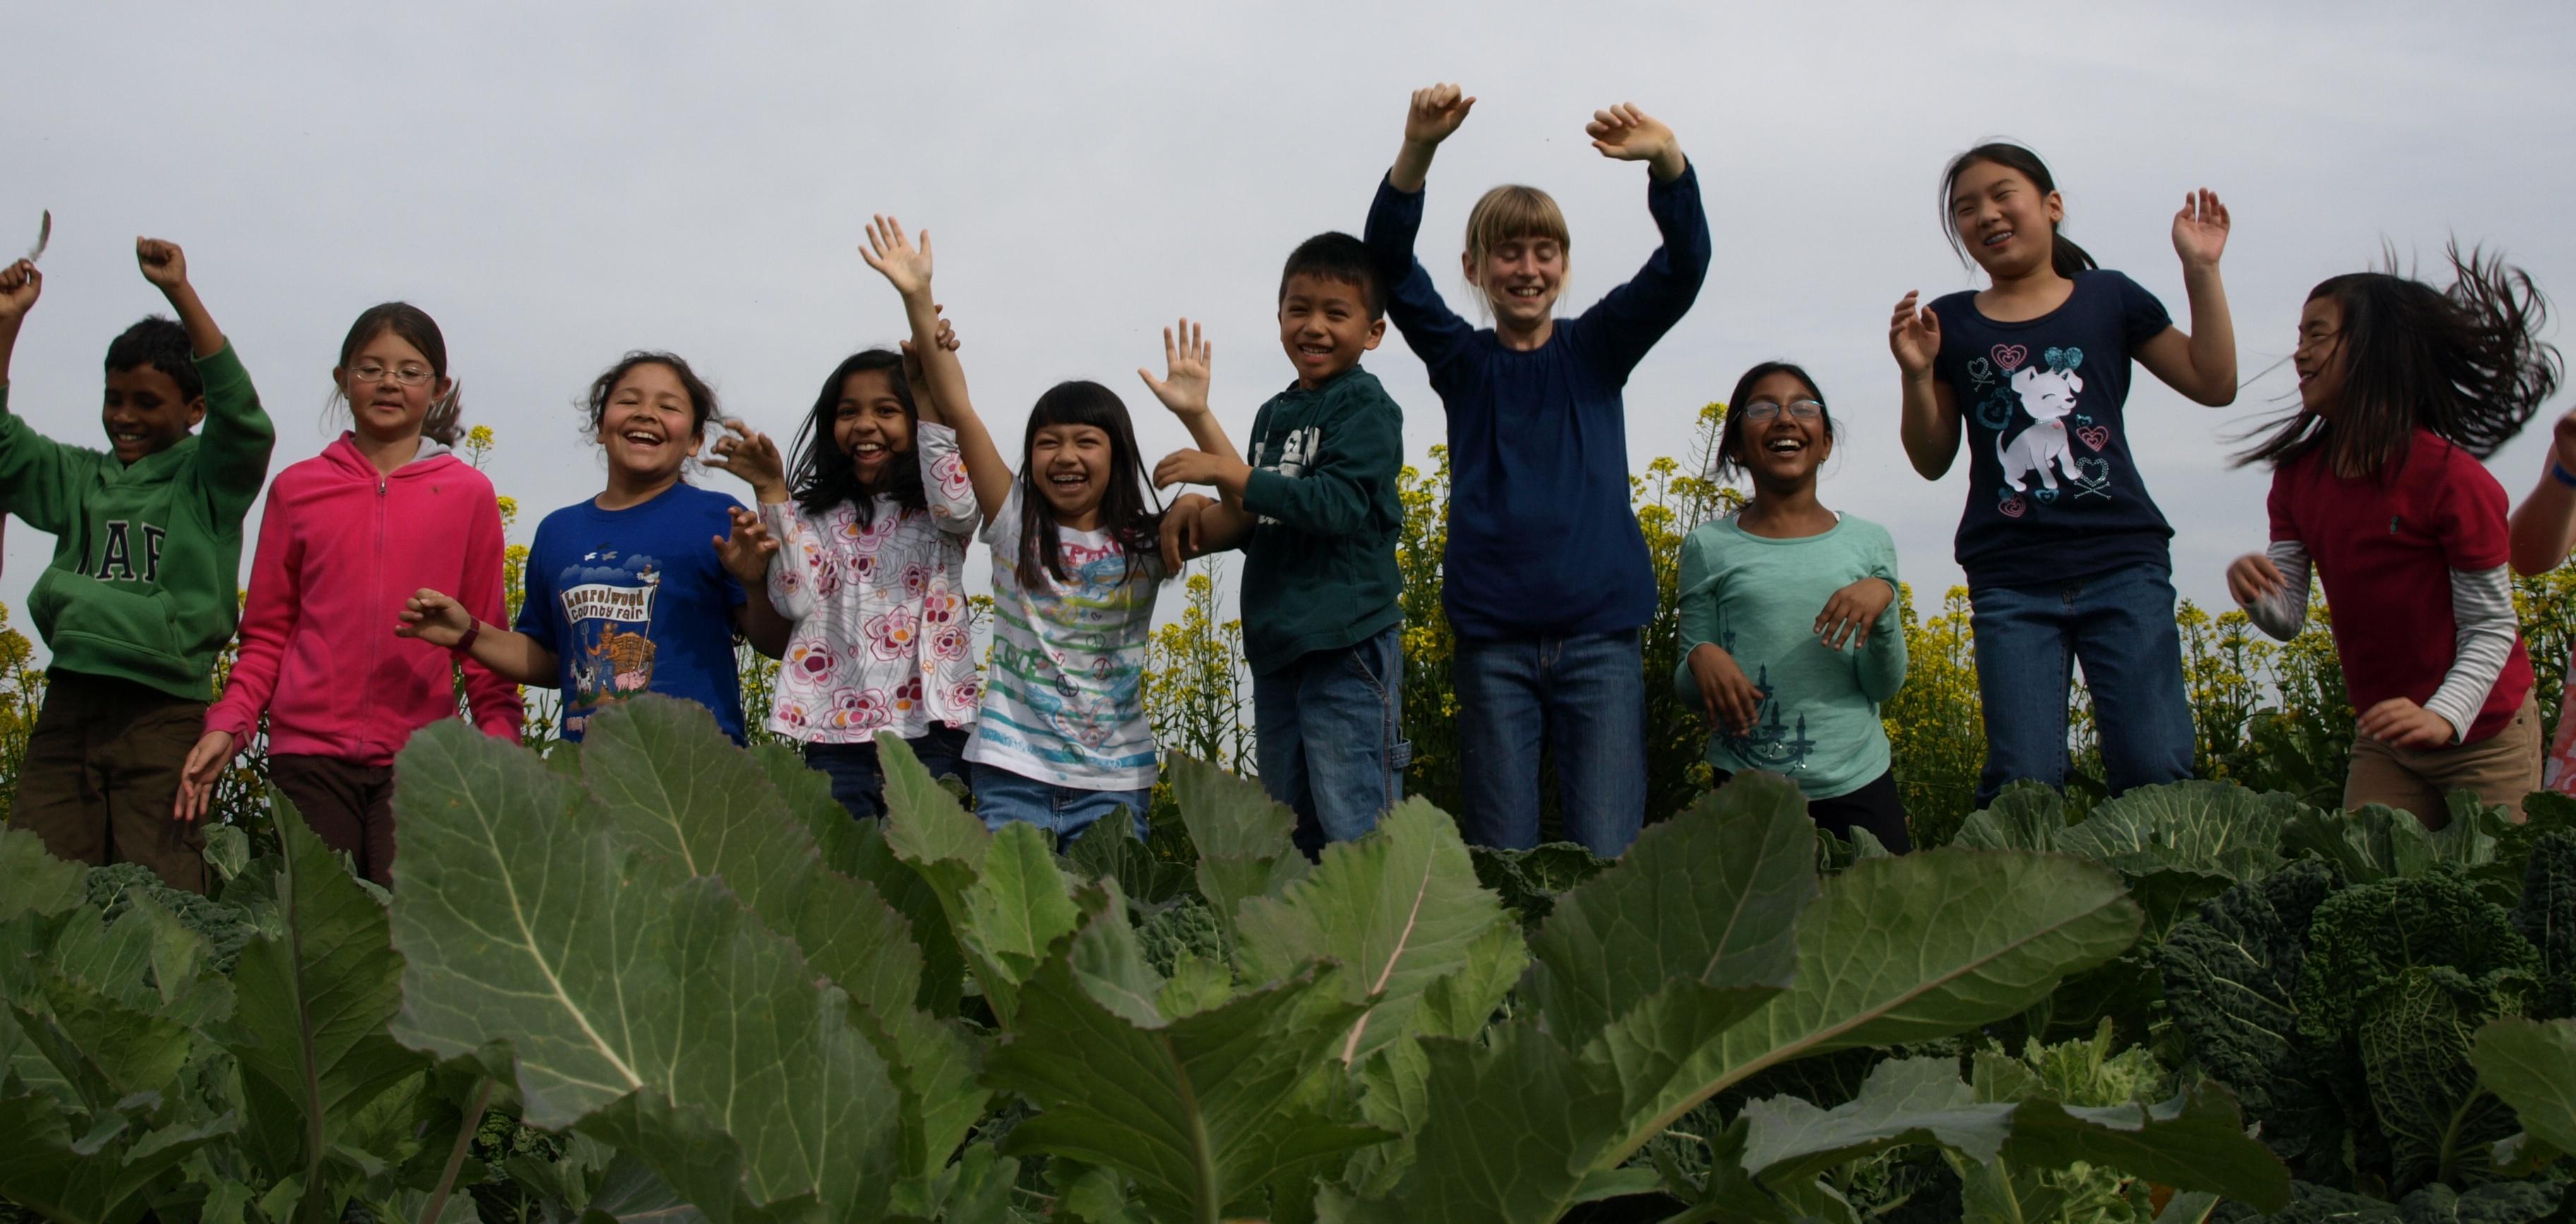 Children_on_the_Farm.jpg